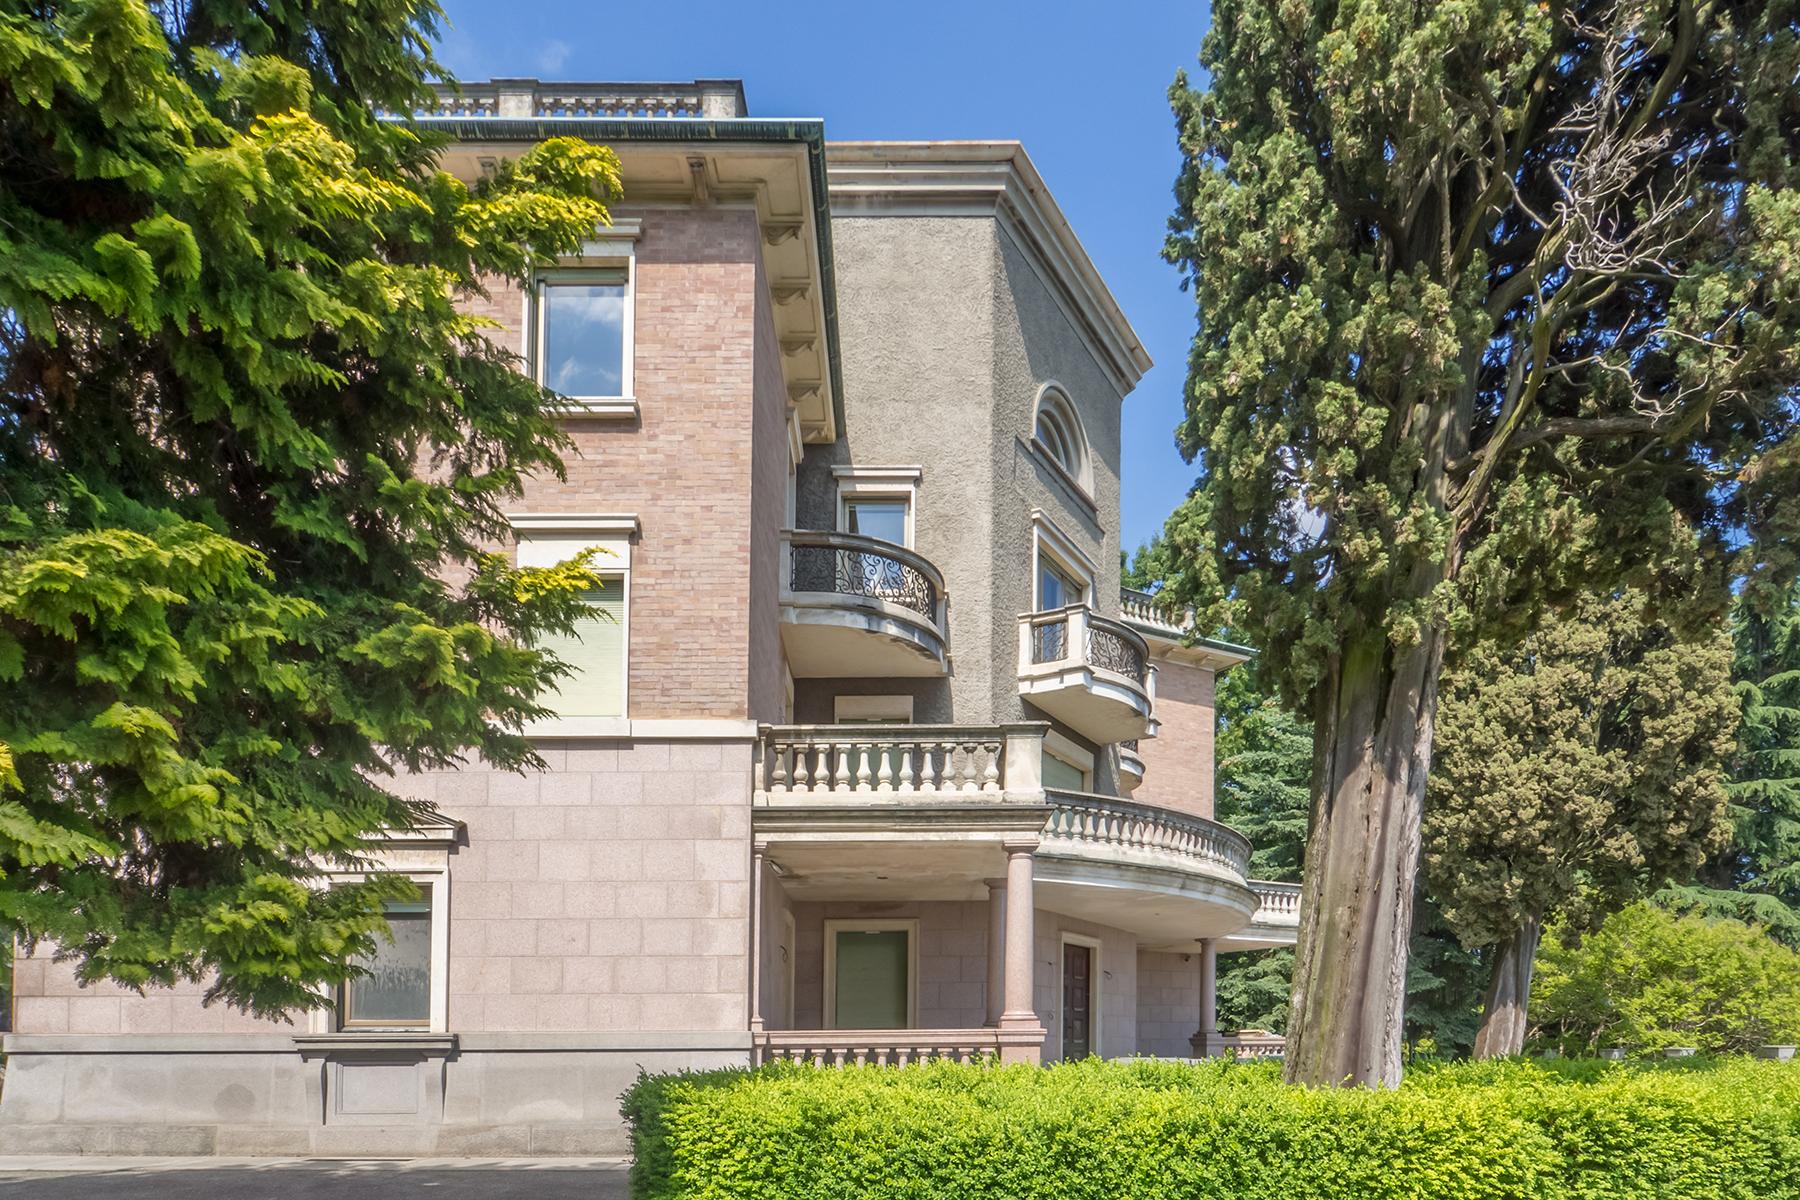 Appartamento in Vendita a Biella: 4 locali, 185 mq - Foto 18